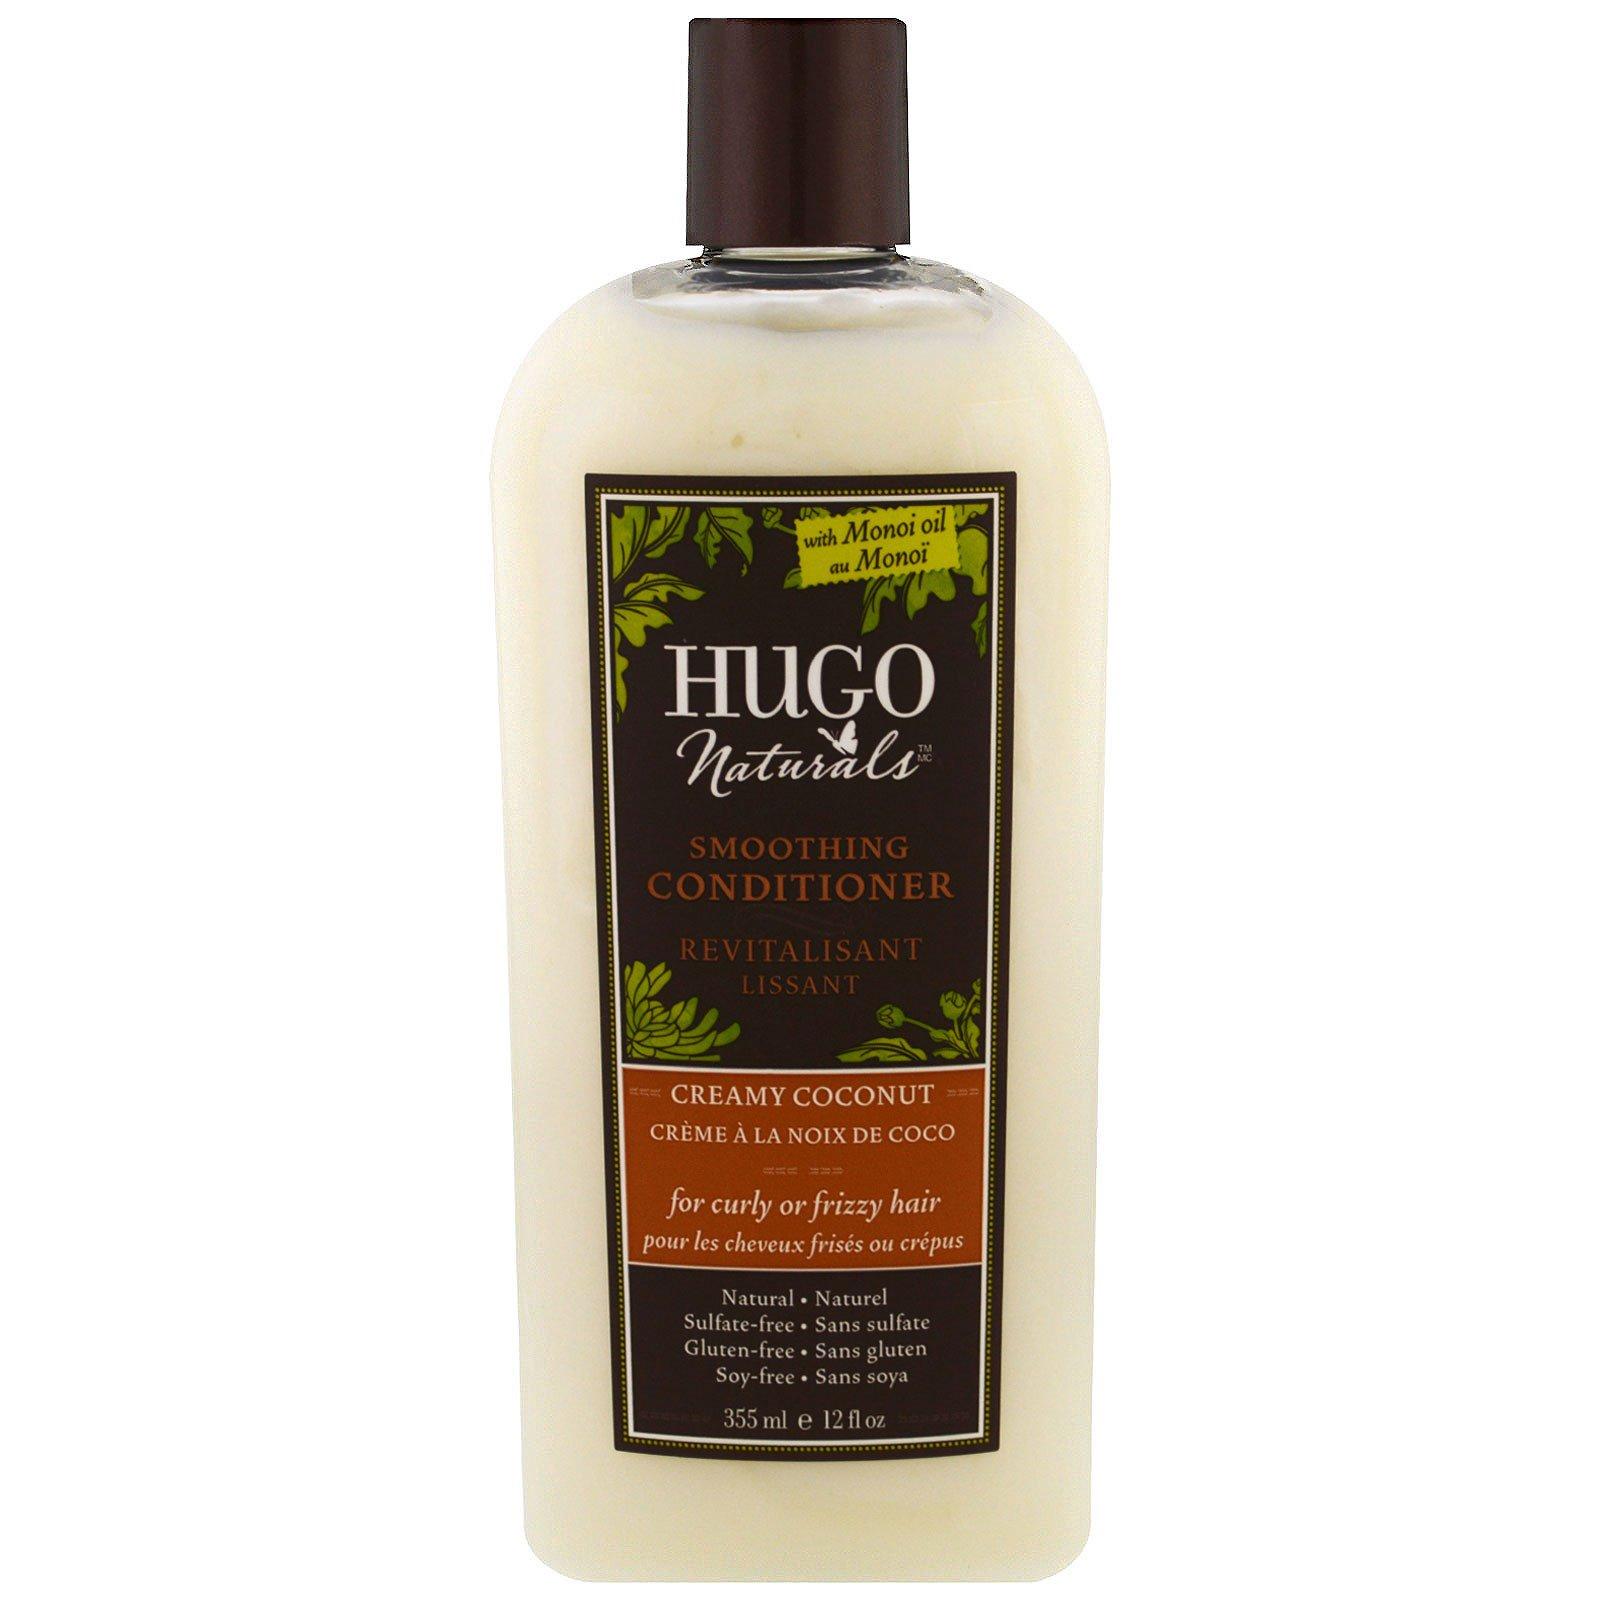 Hugo Naturals, Разглаживающий кондиционер, сливочный кокос, 12 жидк. унц. (355 мл)